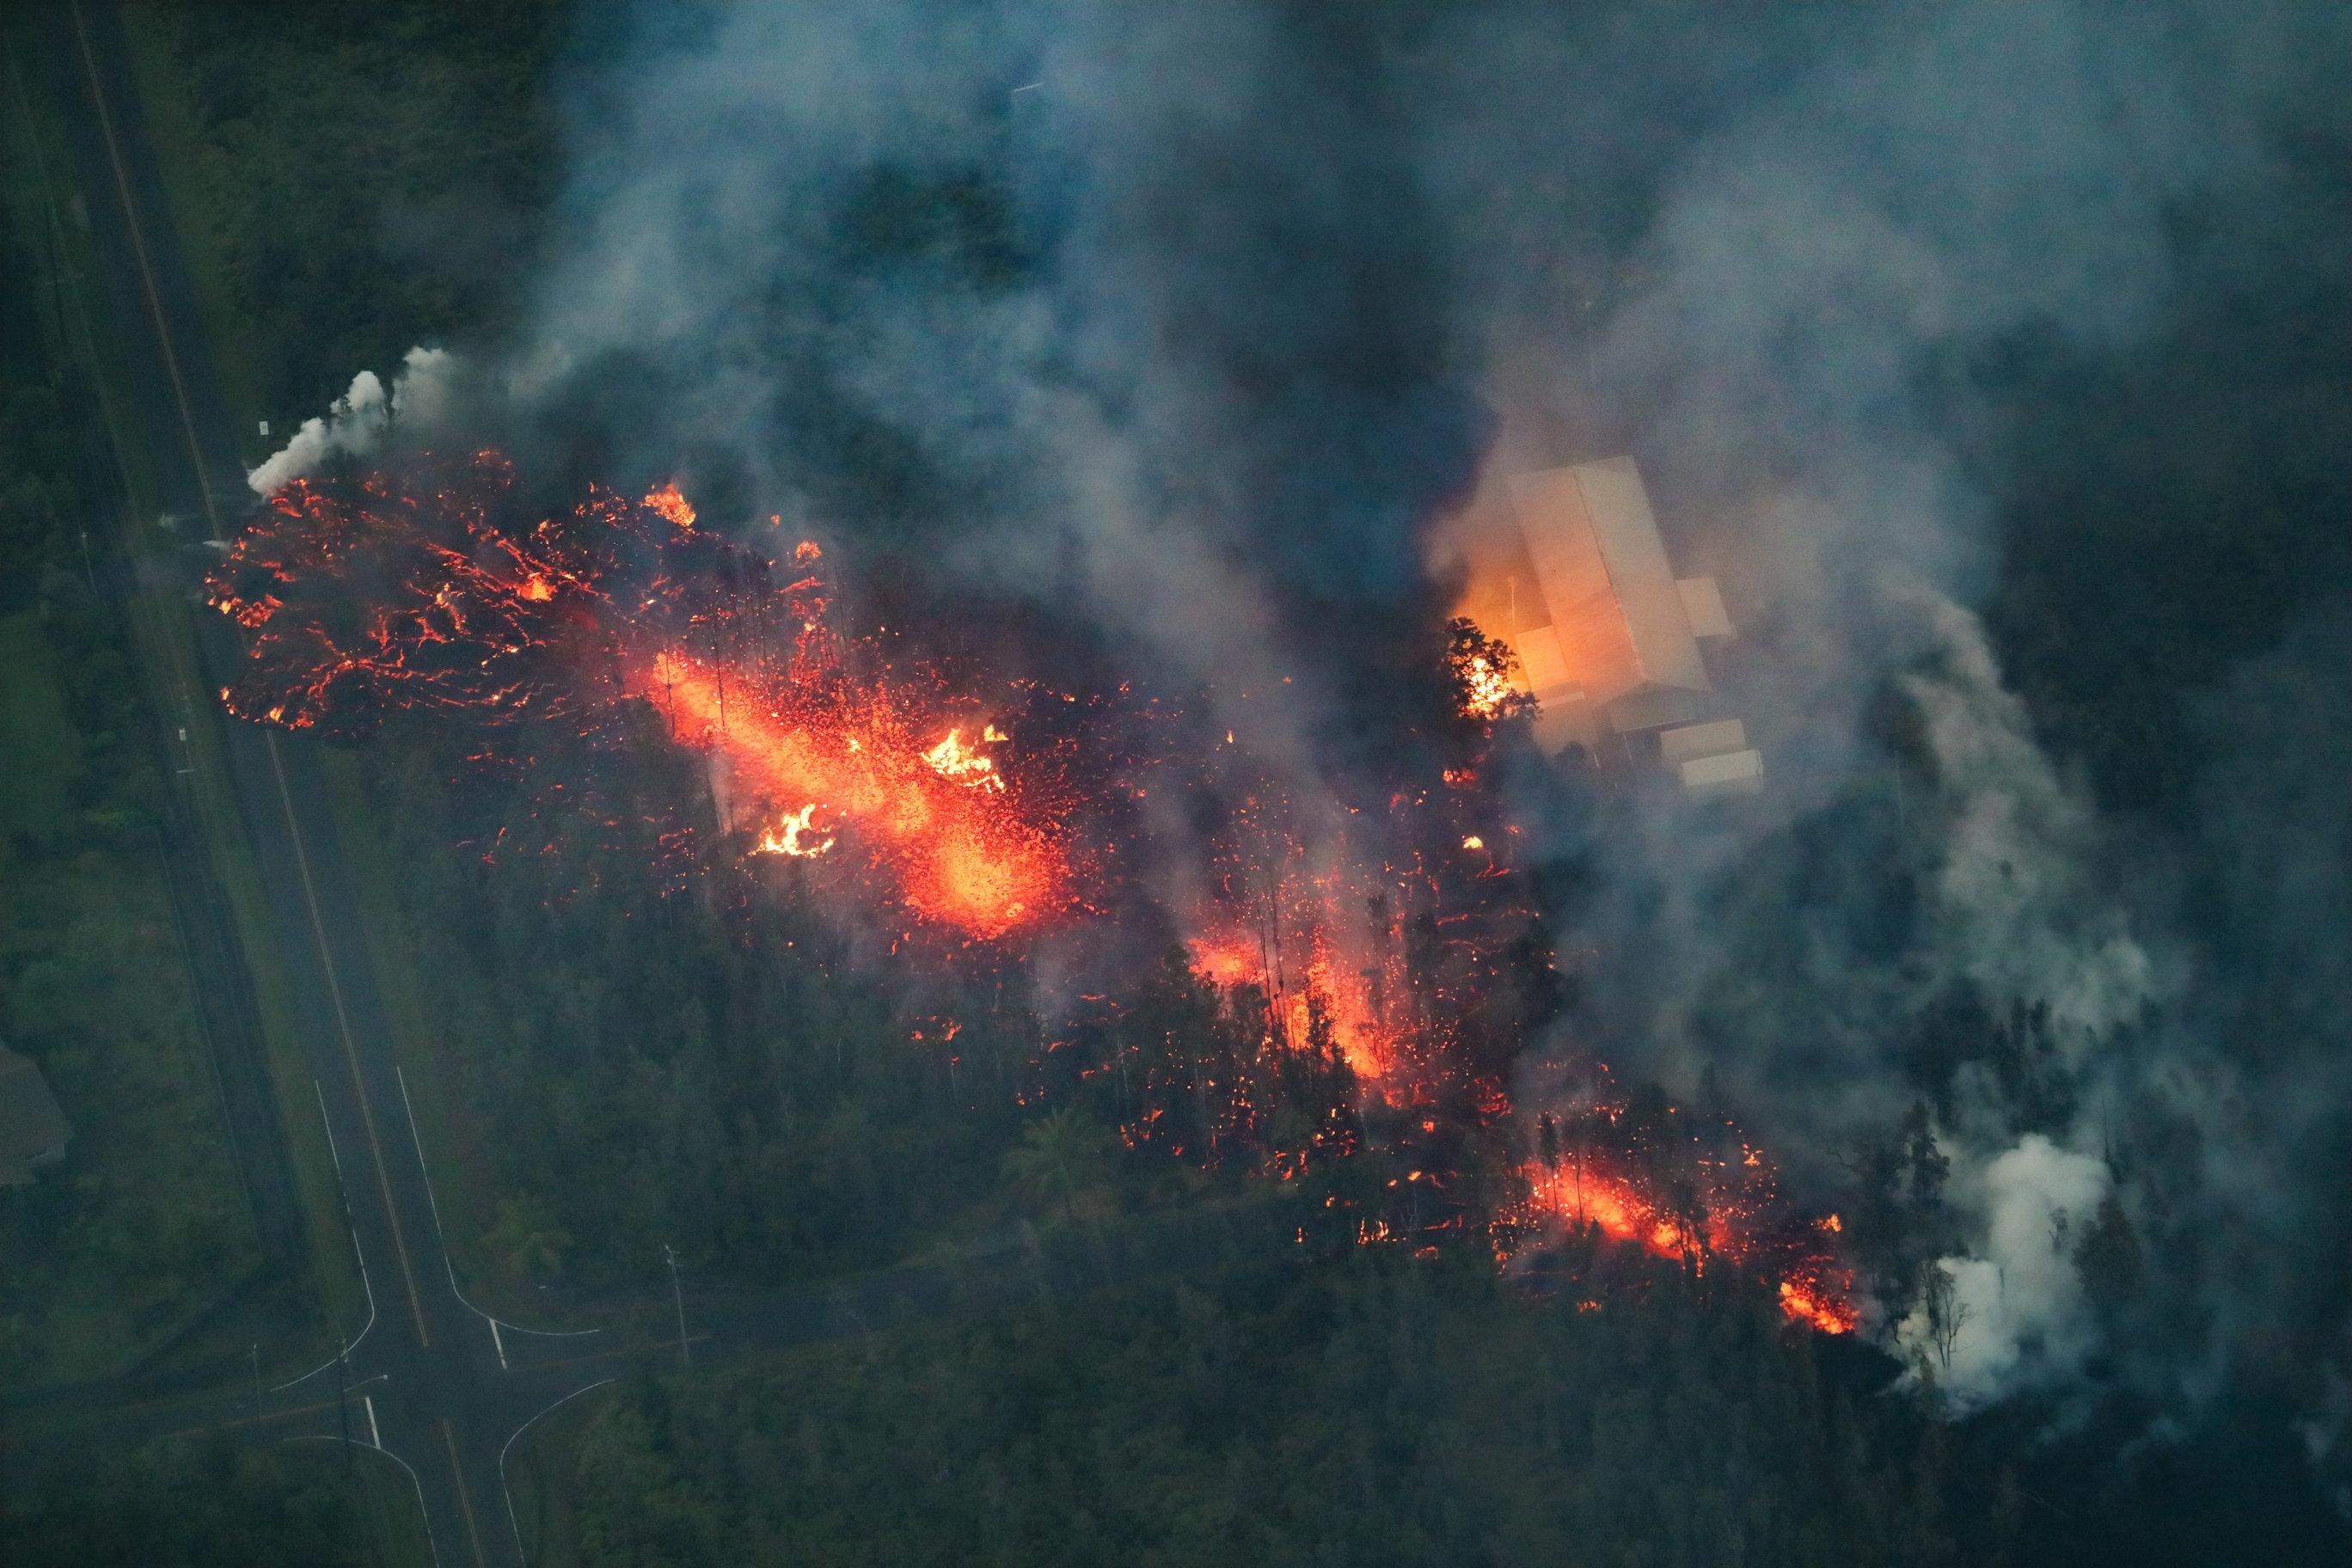 GUATEMALA Opasni uvjeti privremeno prekinuli potragu za preživjelima u erupciji vulkana